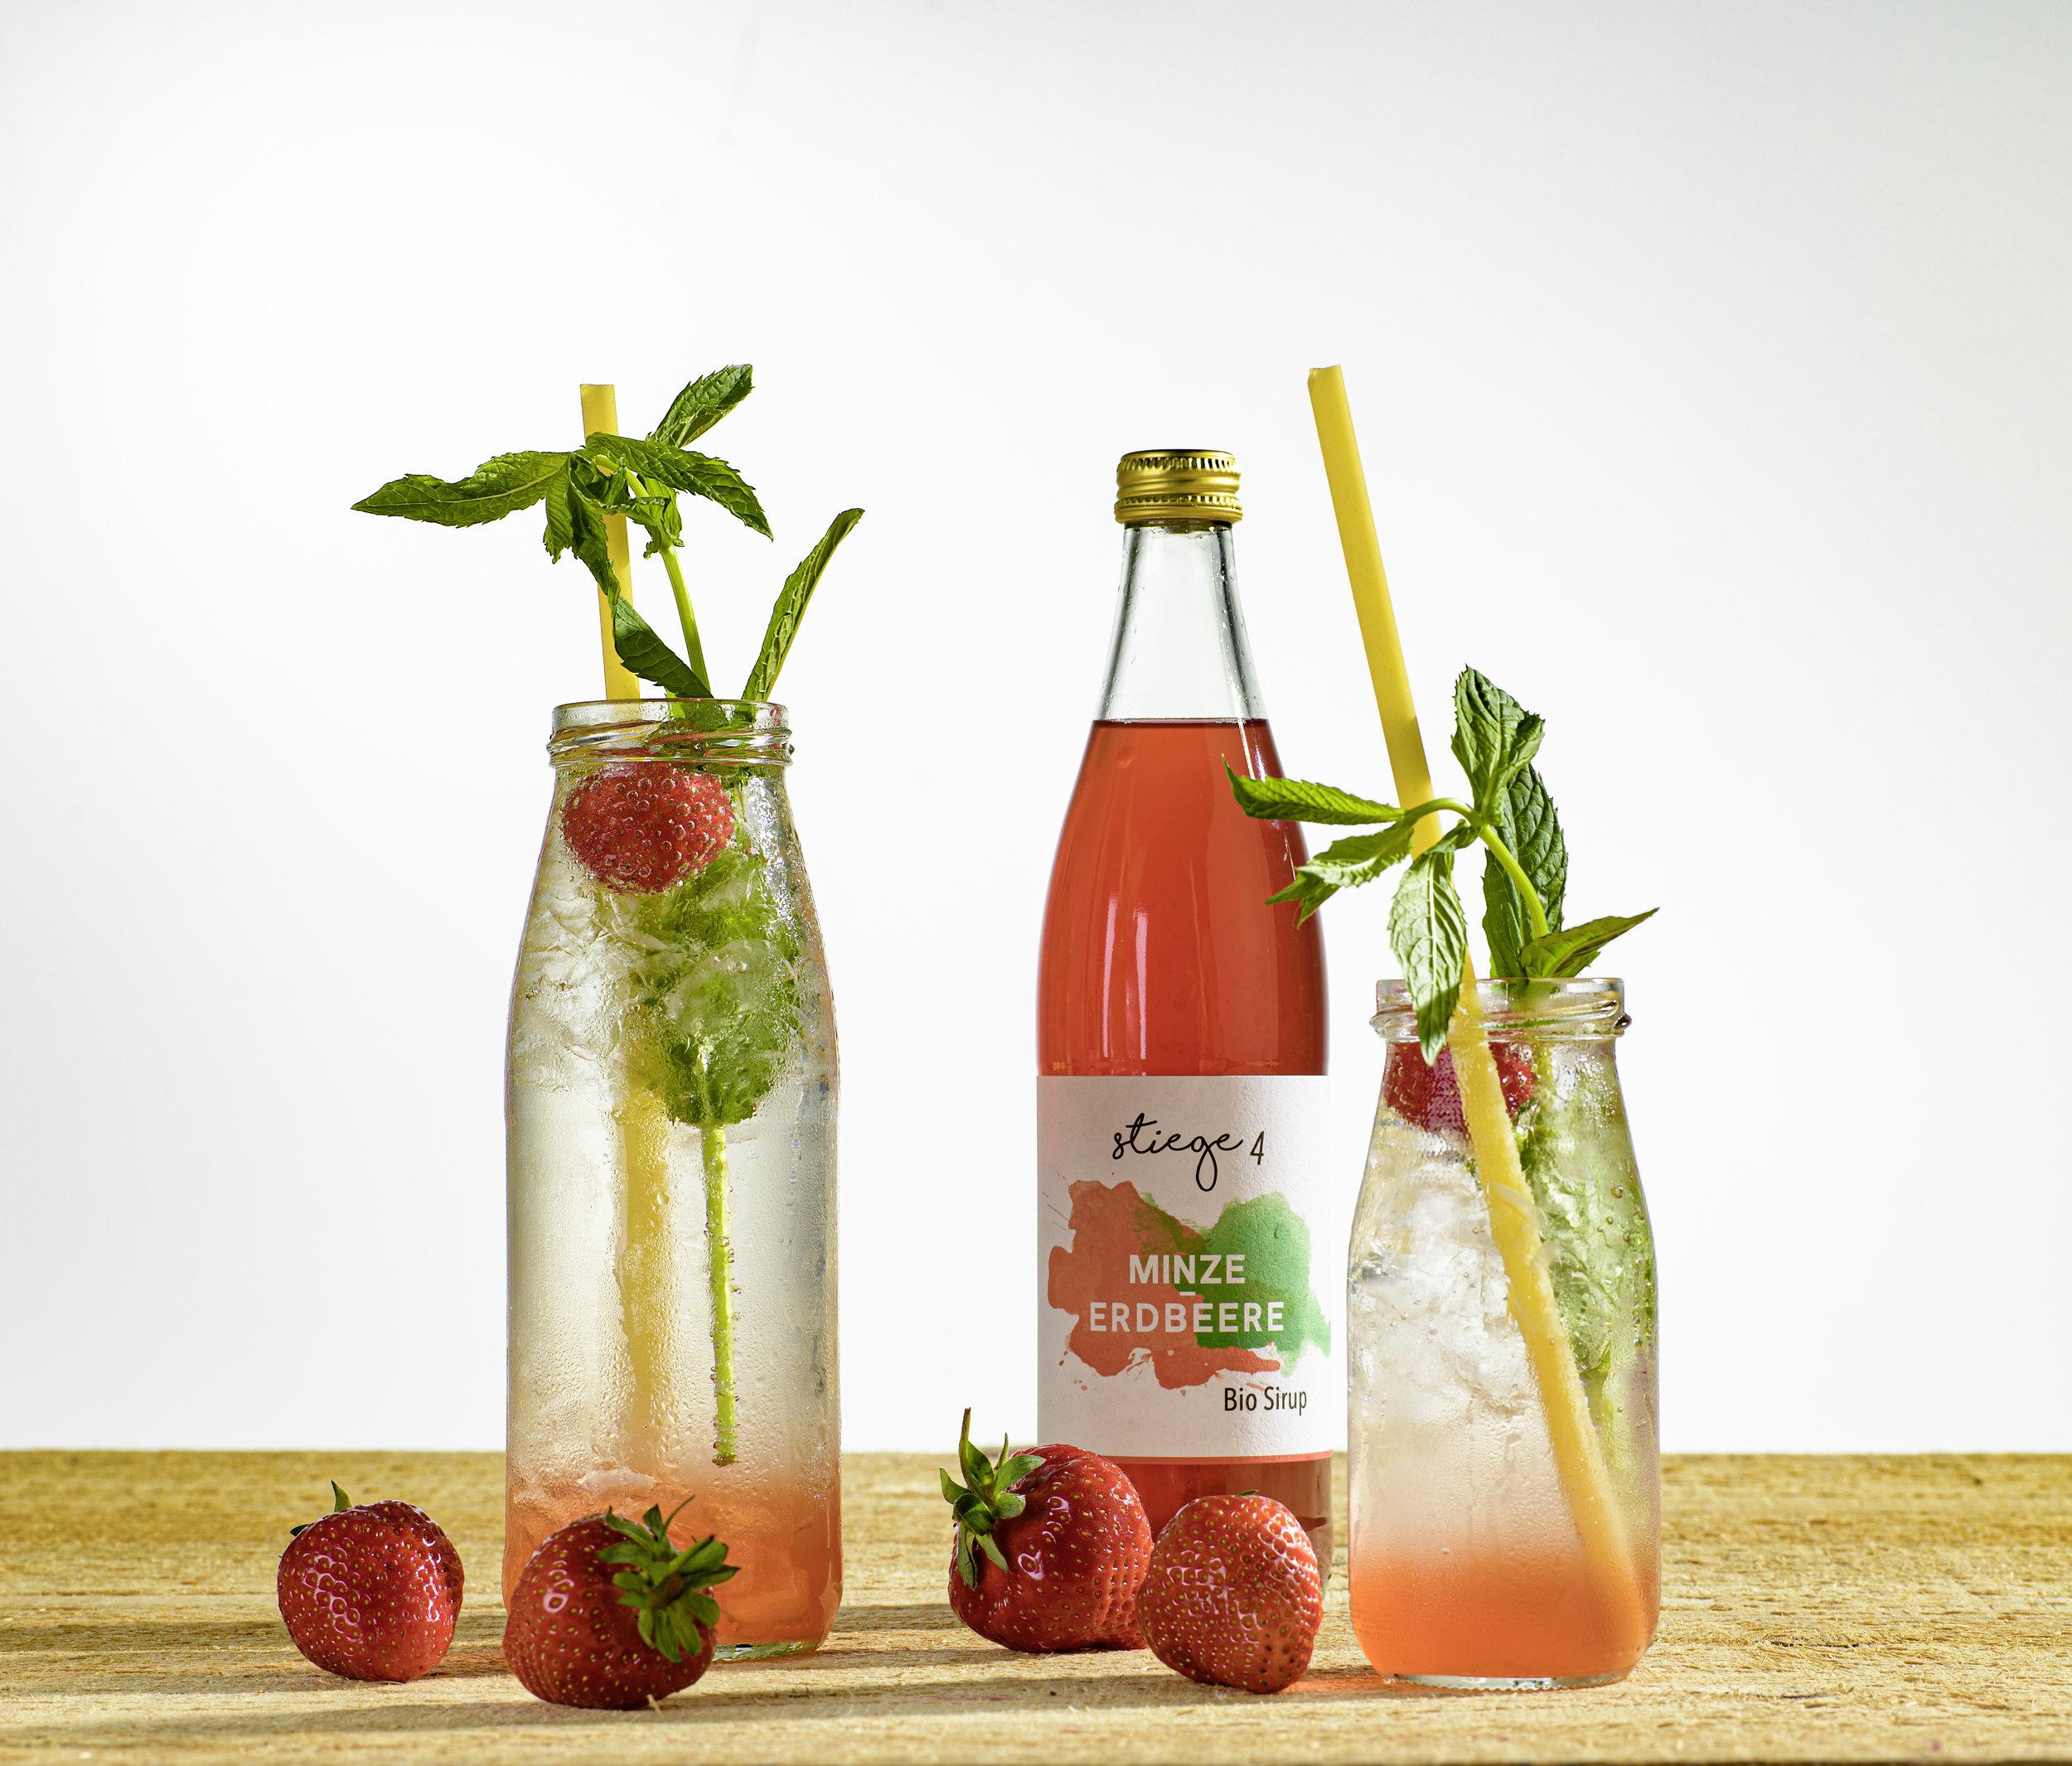 Minze-Erdbeere BIO Sirup -